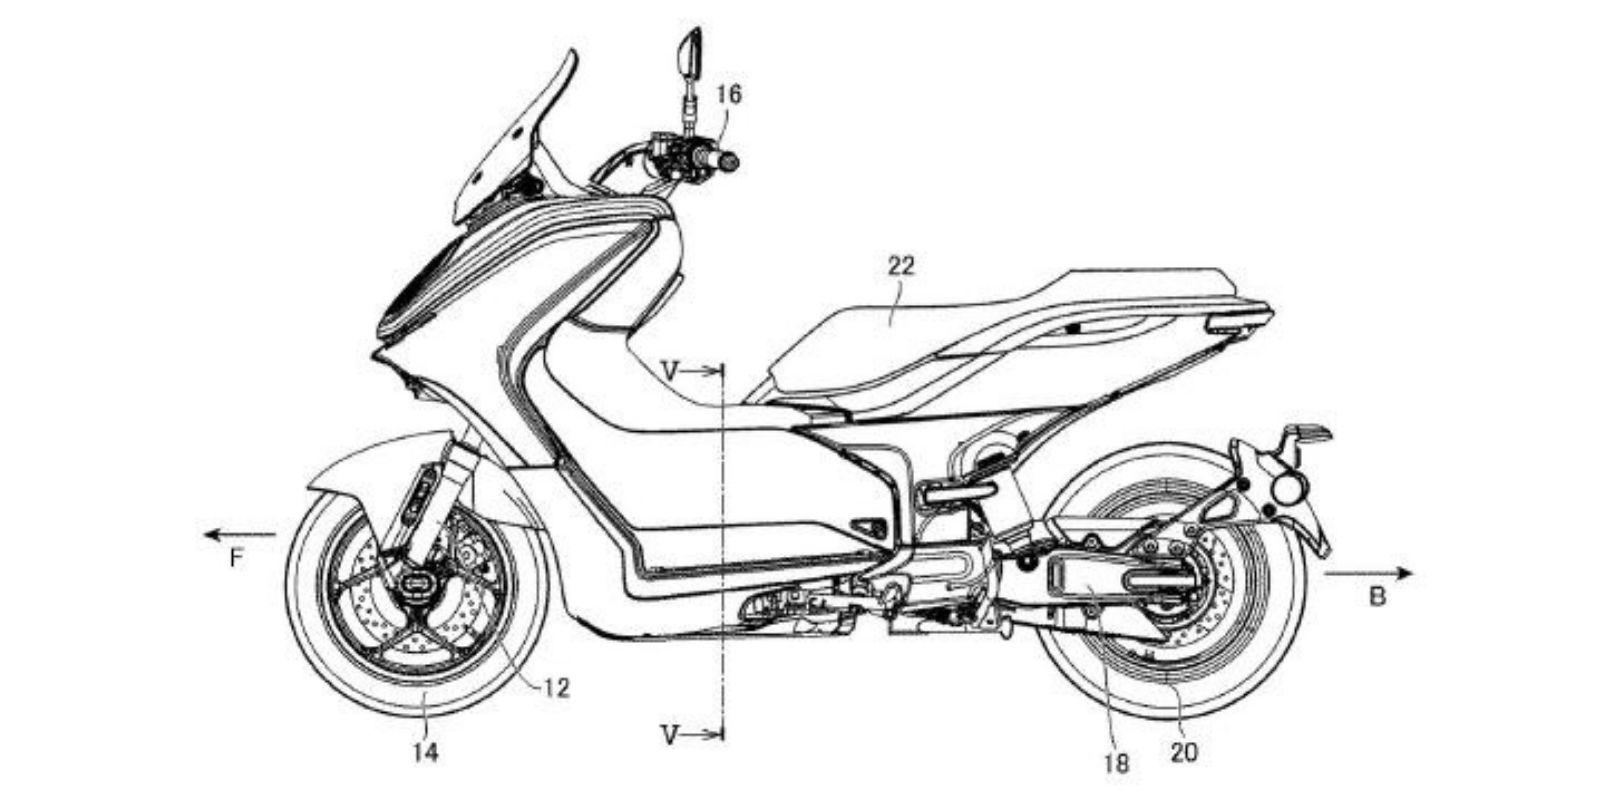 Yamaha e01 patent 1